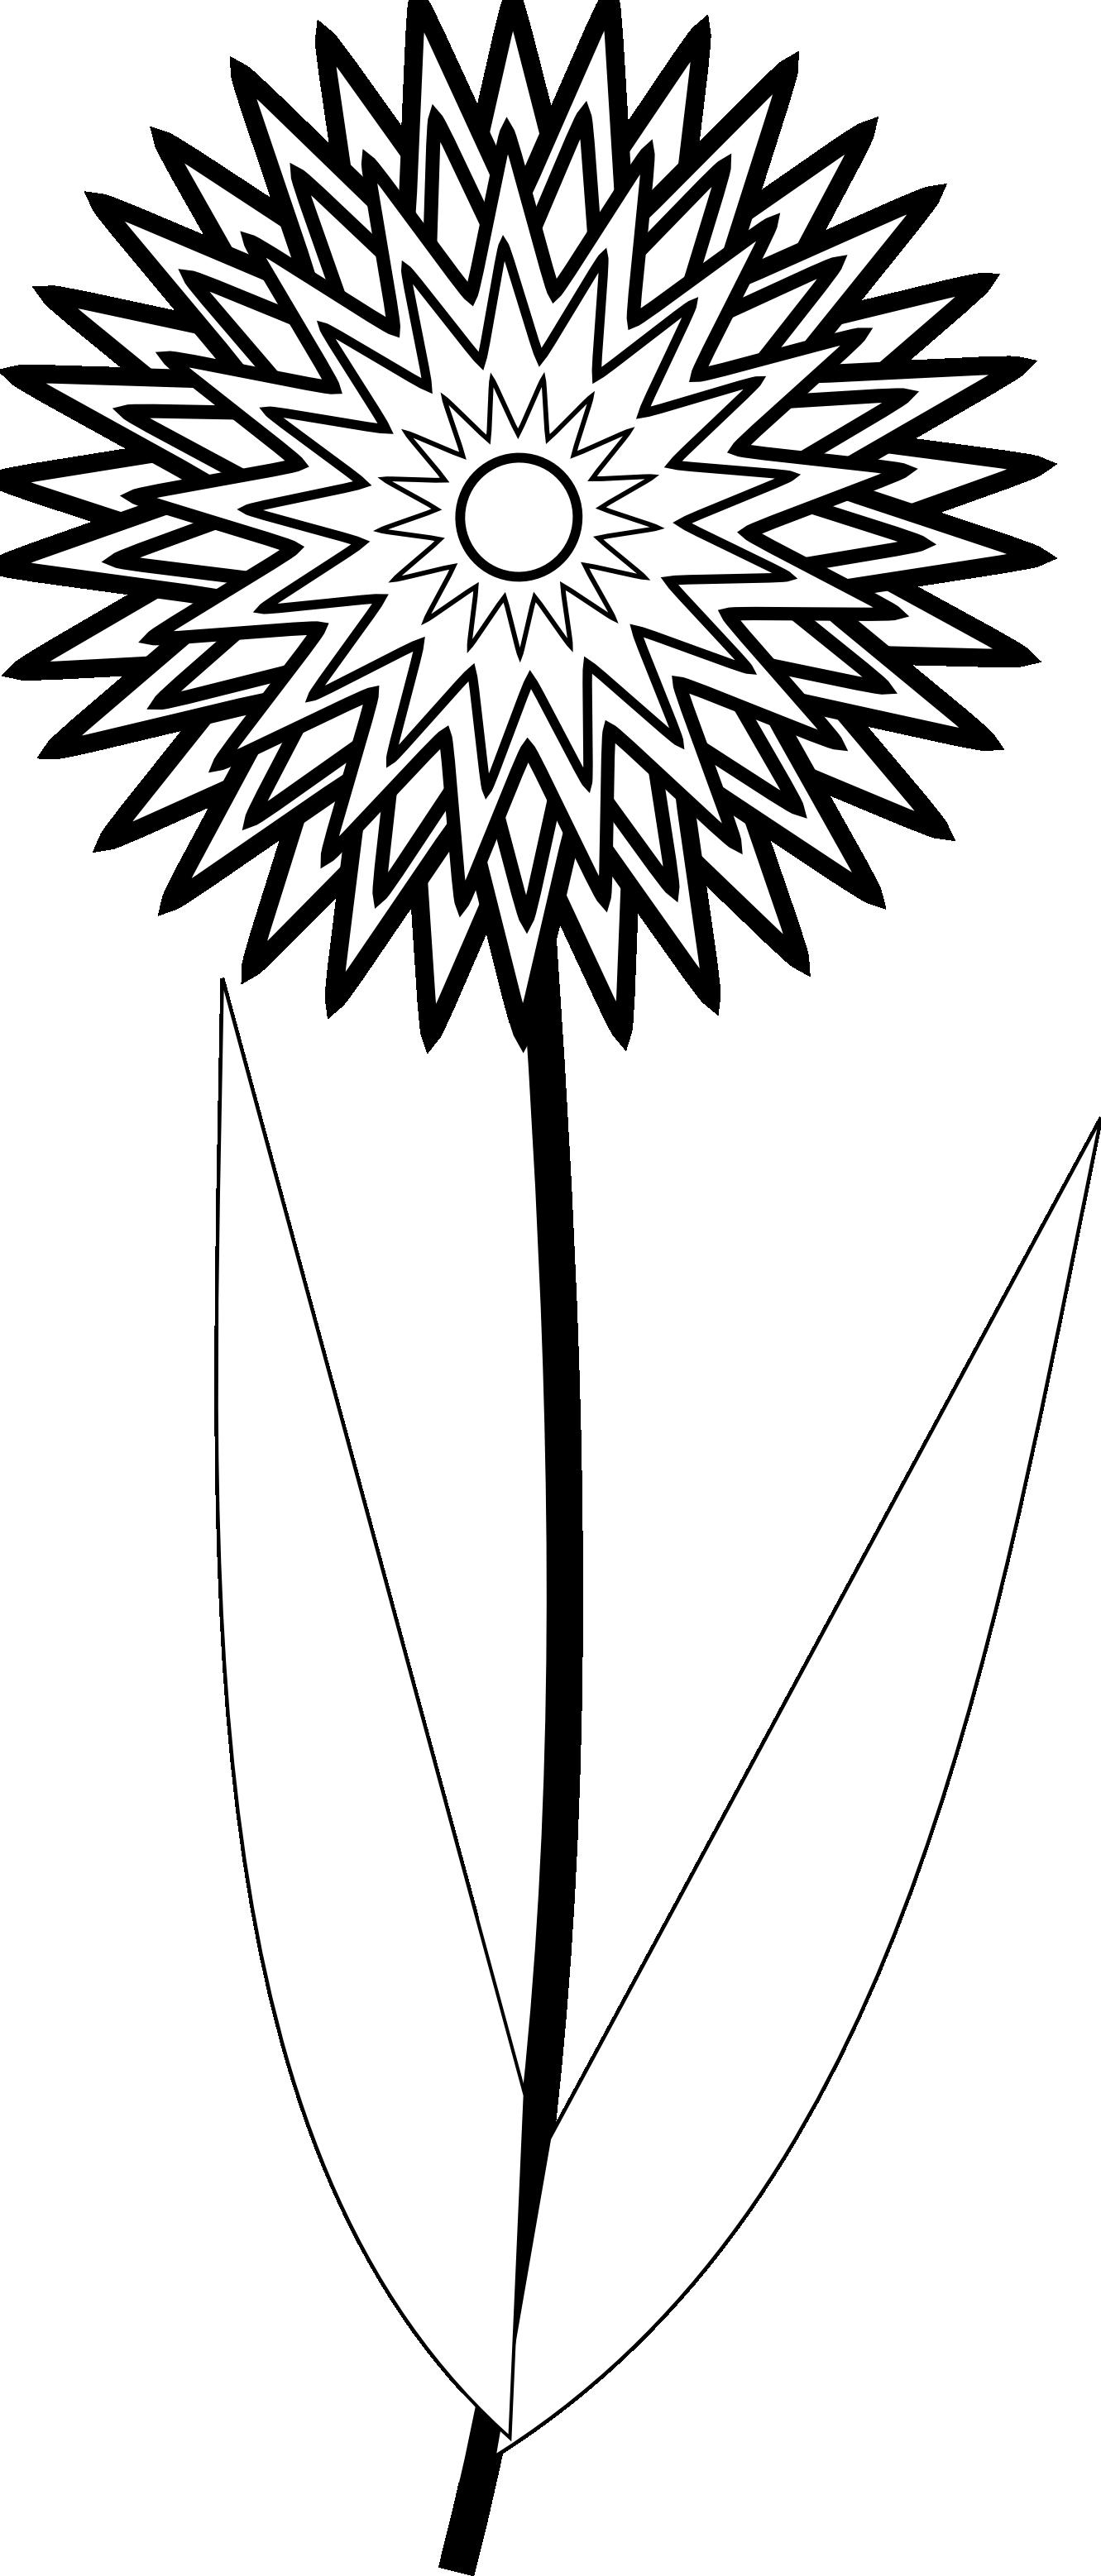 Flower Clip Art Black And White - ClipArt Best